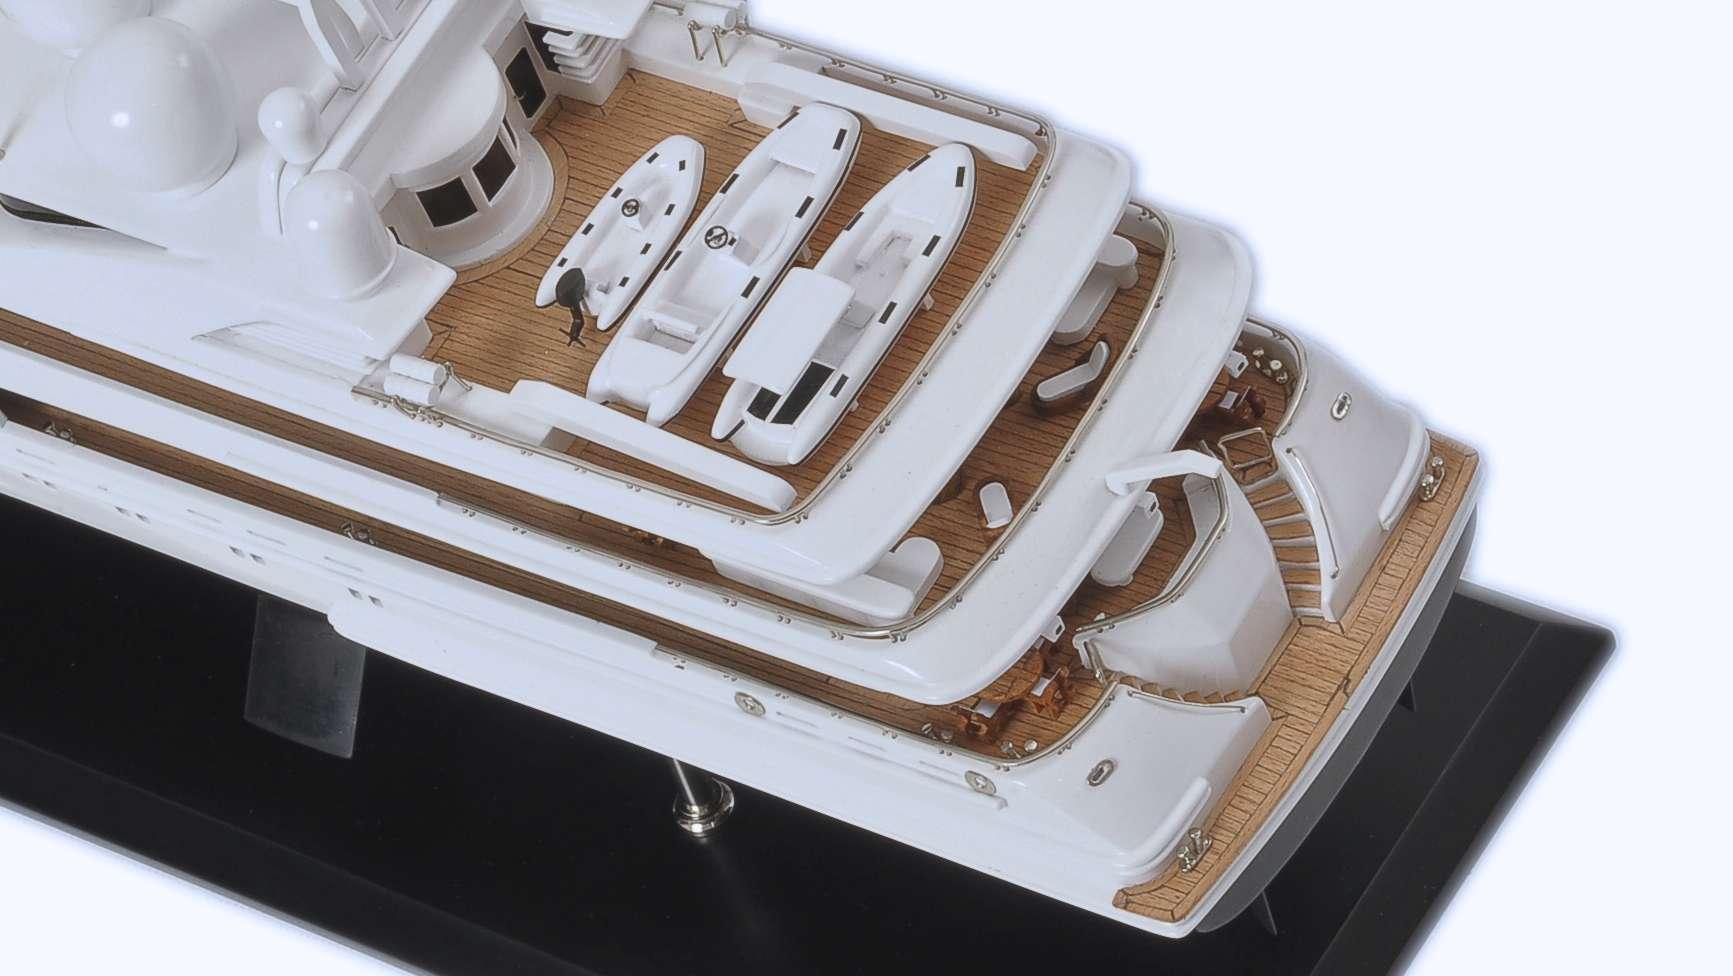 Constellation Super Yacht